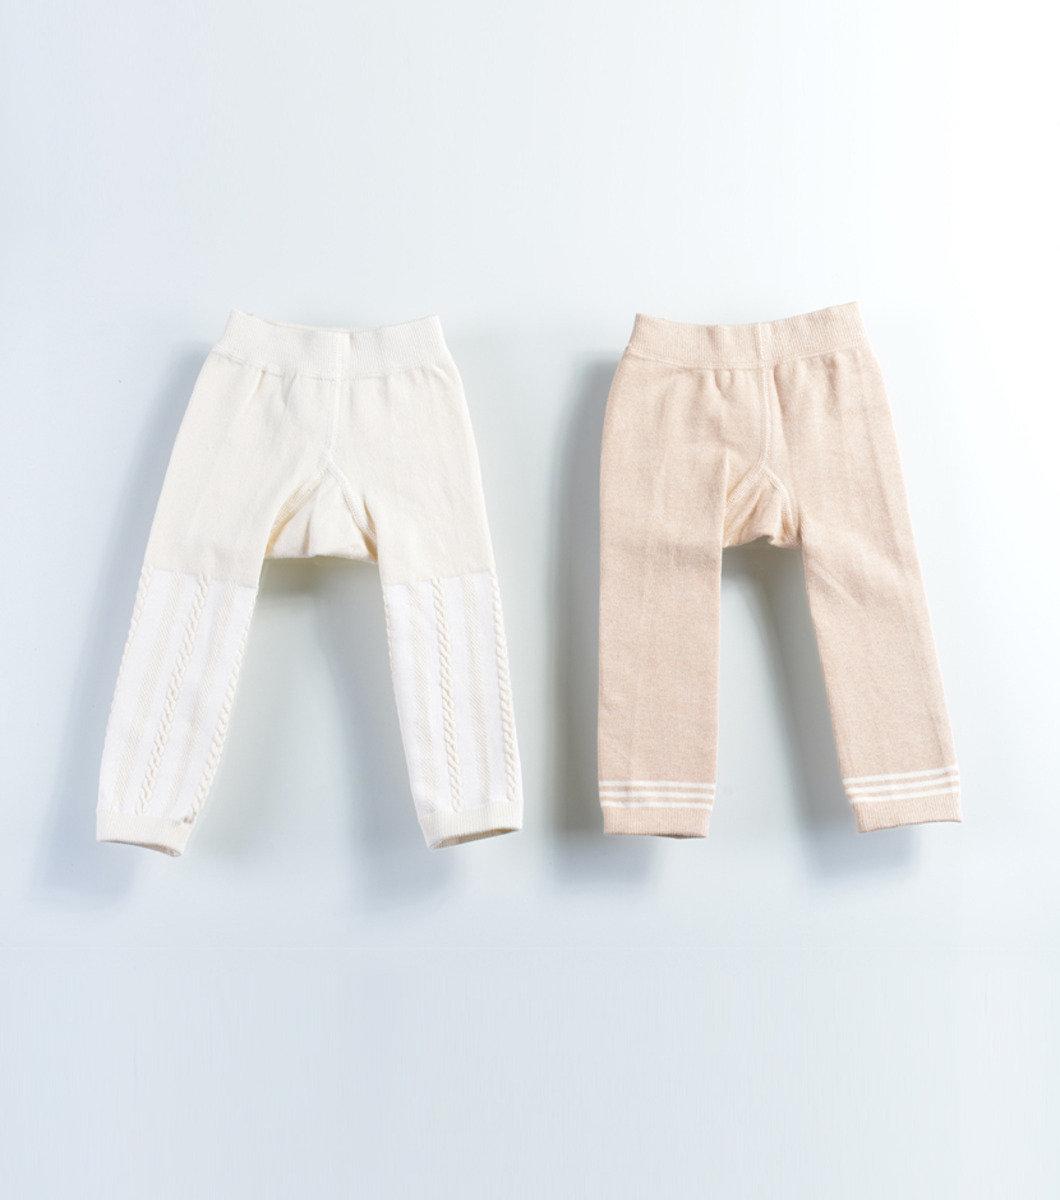 2件裝襪褲